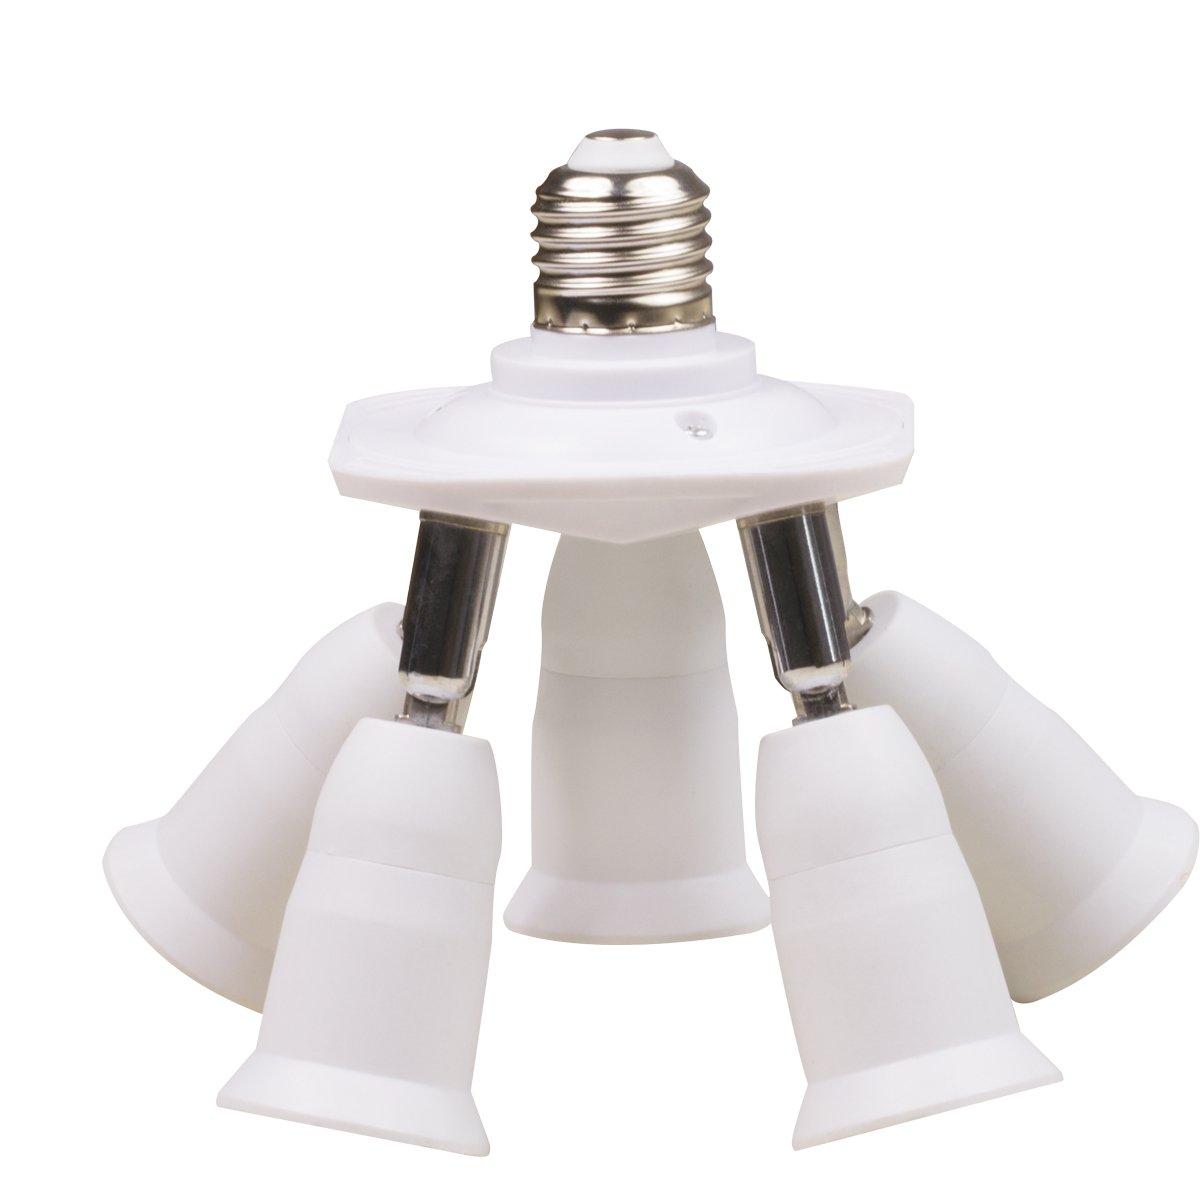 8T8 5 in 1 Lamp Socket Adapter Splitter, LED Bulb Holder Chandelier Converter for E26 E27 Standard Light 360 Degree Adjustable (Manual_5)